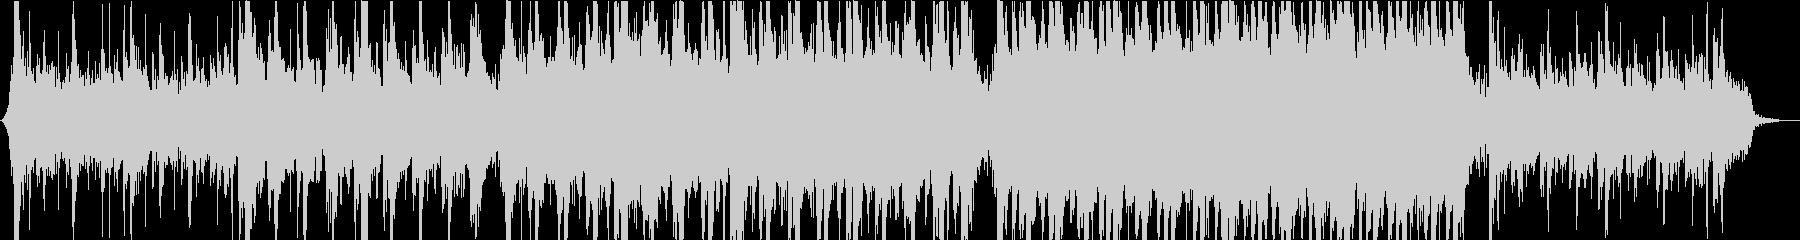 シリアスなモダンクラシカルオーケストラの未再生の波形